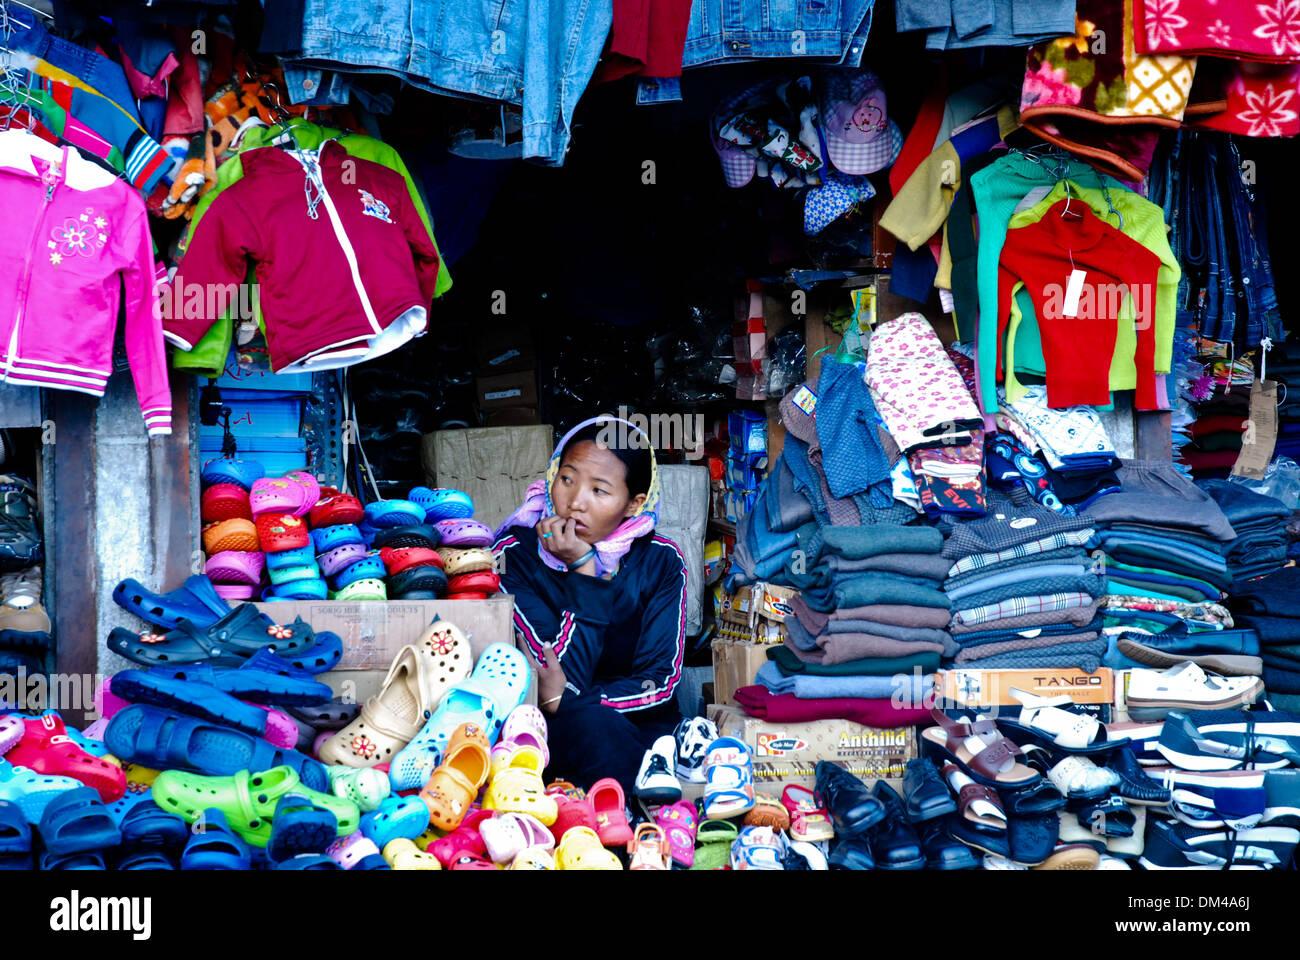 Ladakh, India - 16 Luglio 2009: una donna si siede in attesa per il cliente successivo in un colorato negozio di abbigliamento in Leh. Immagini Stock